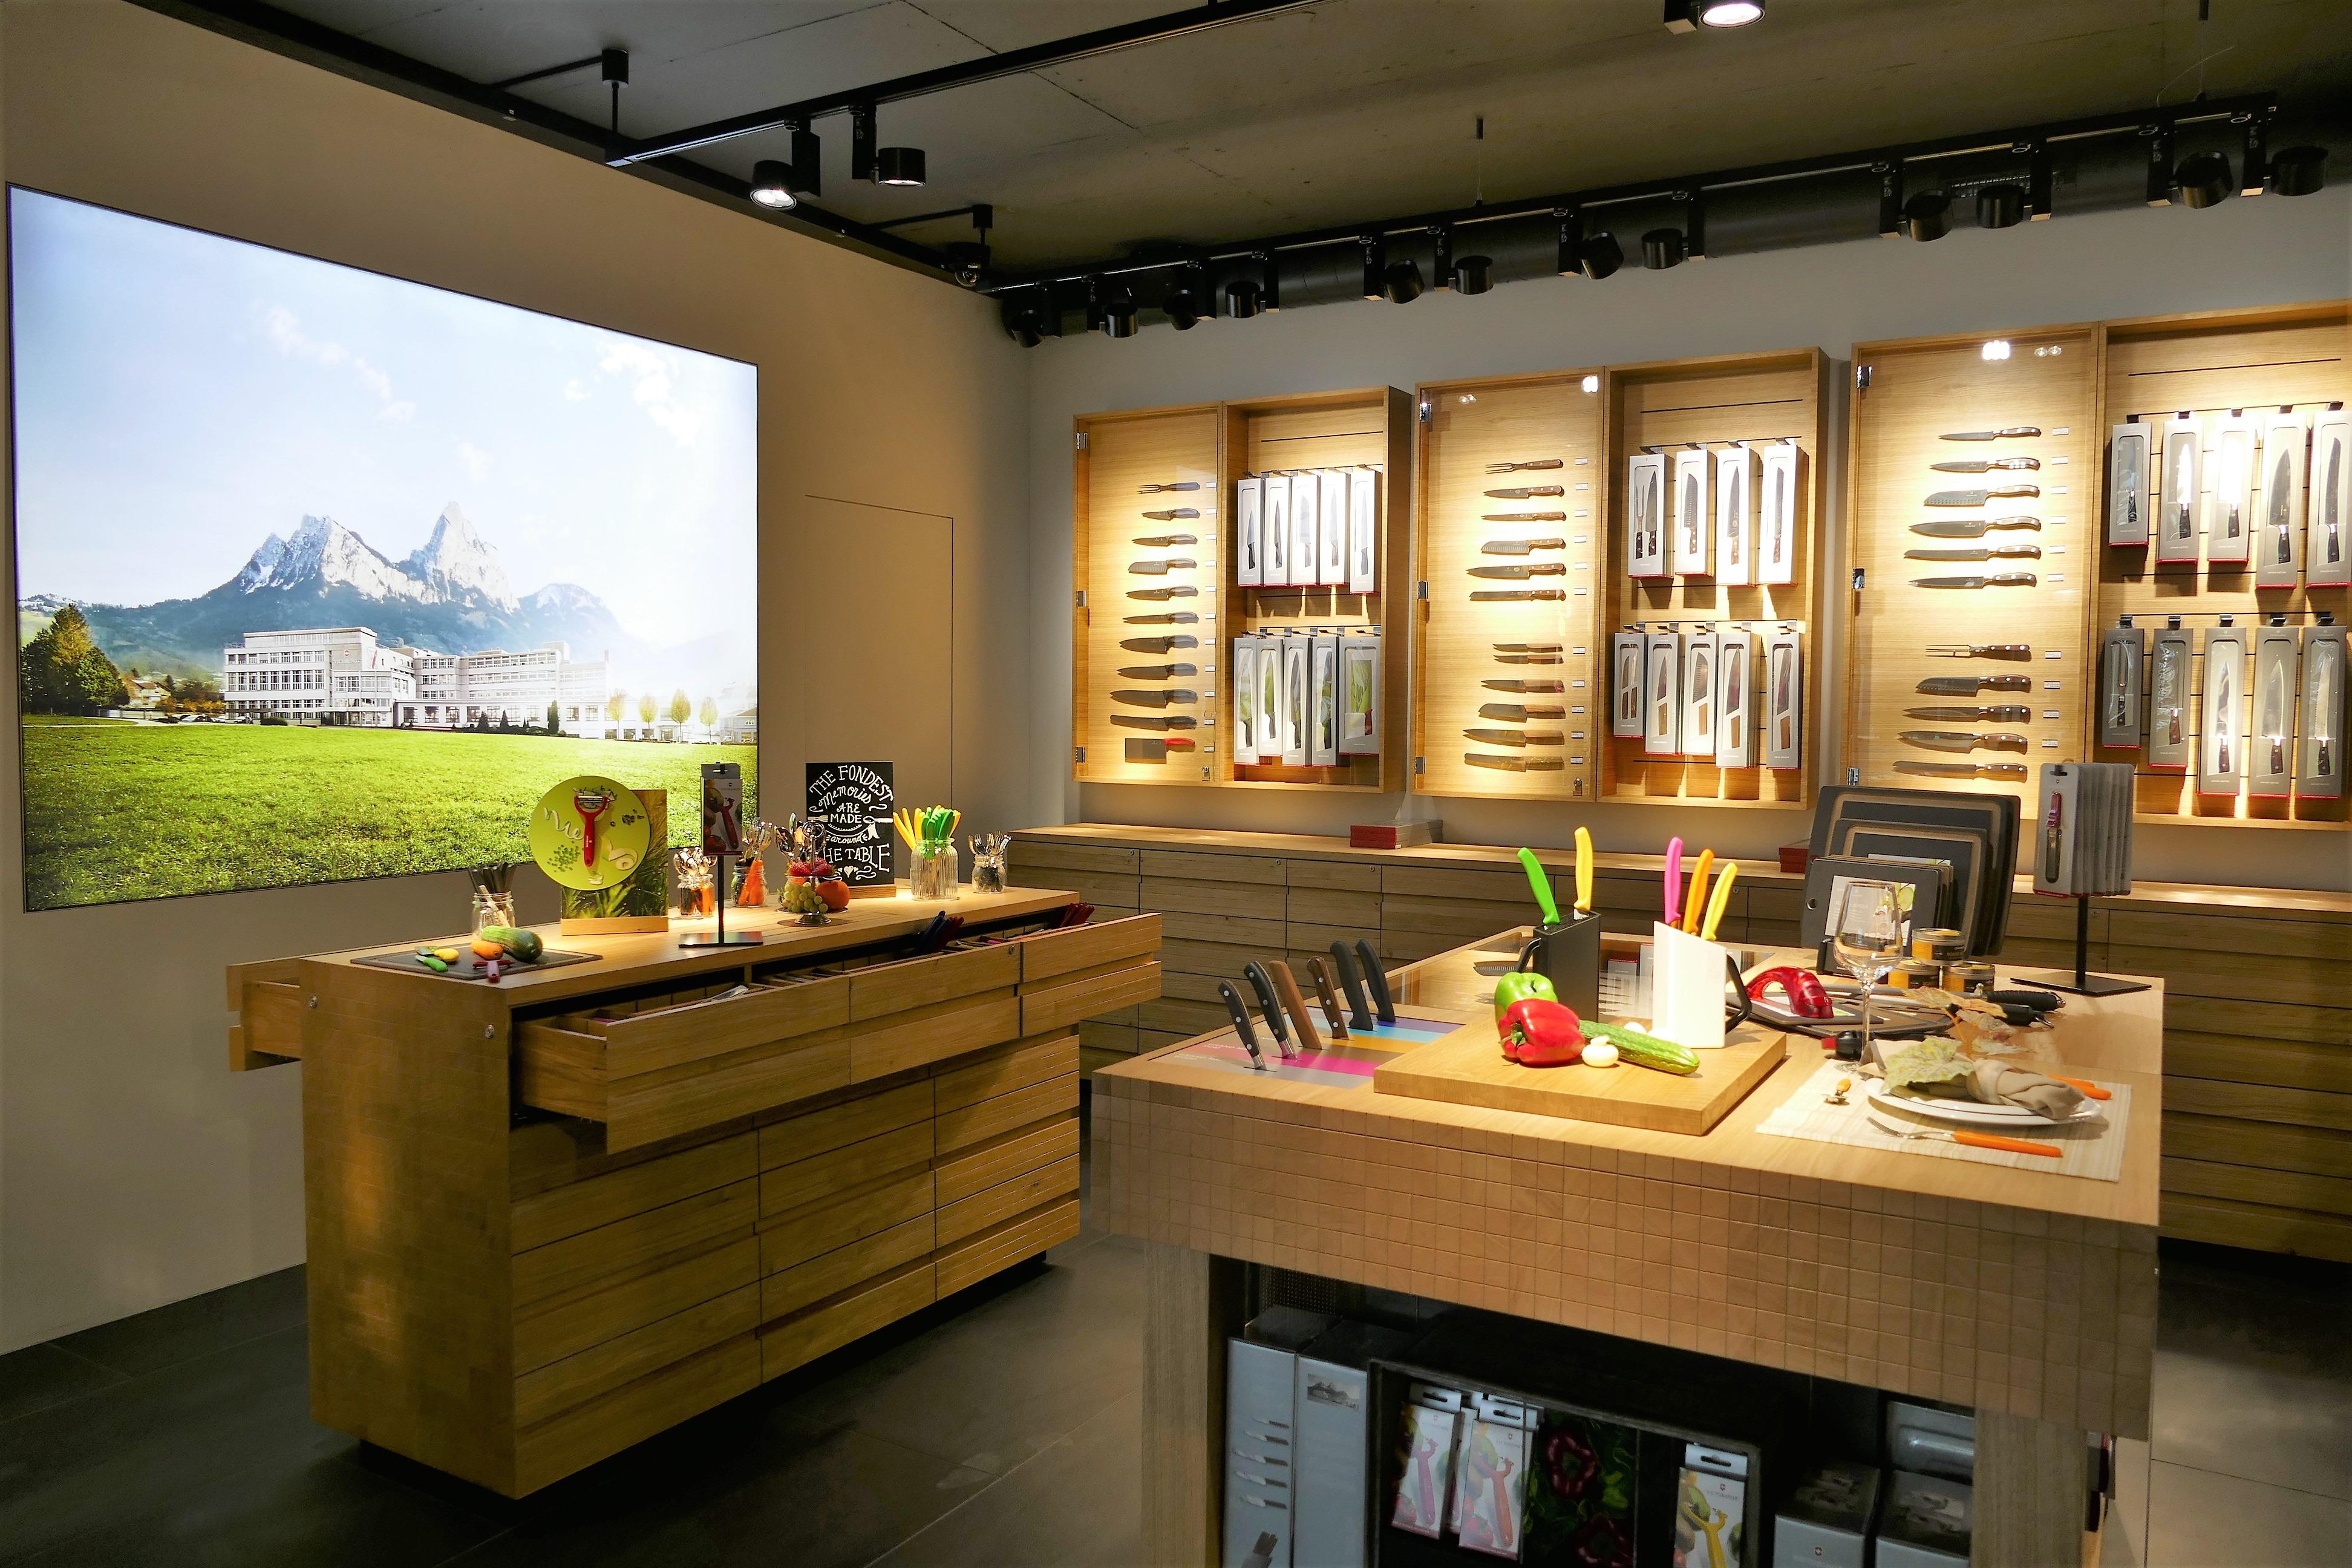 Store interior of Victorinox Store Andermatt, Andermatt